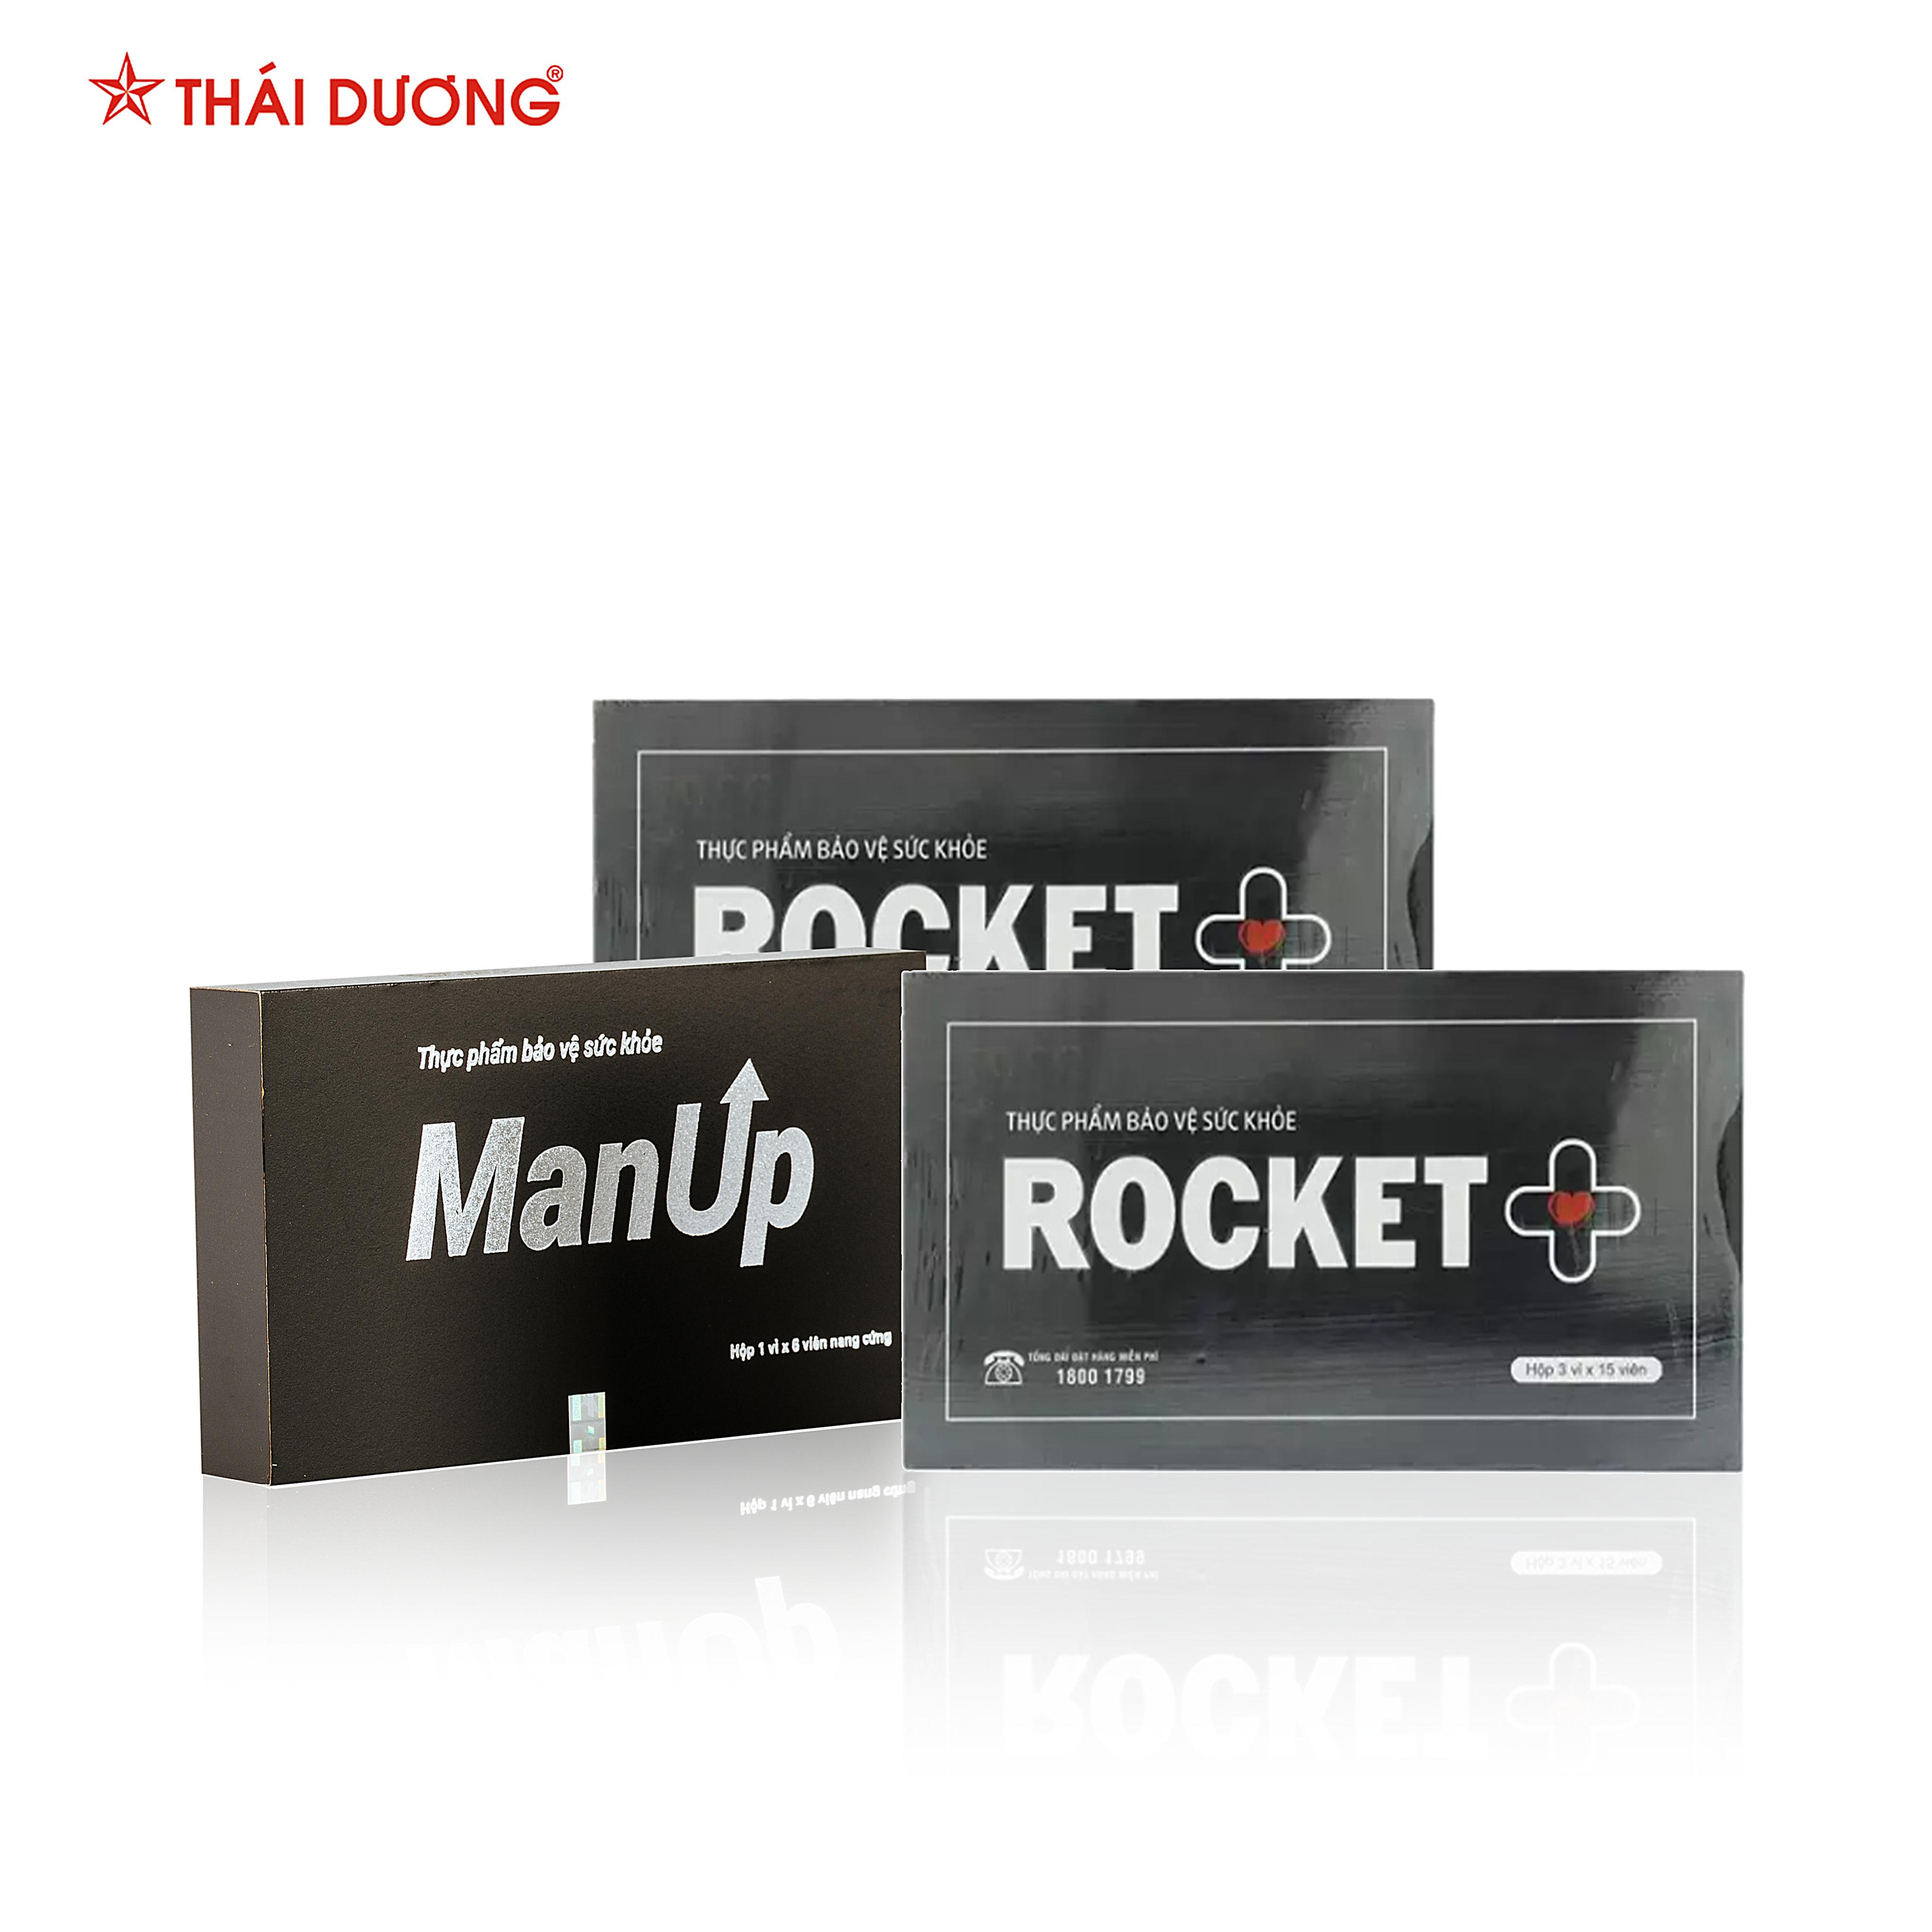 Combo Tăng cường sinh lực phái mạnh (01 TPBVSK Manup và 02 TPBVSK Rocket +